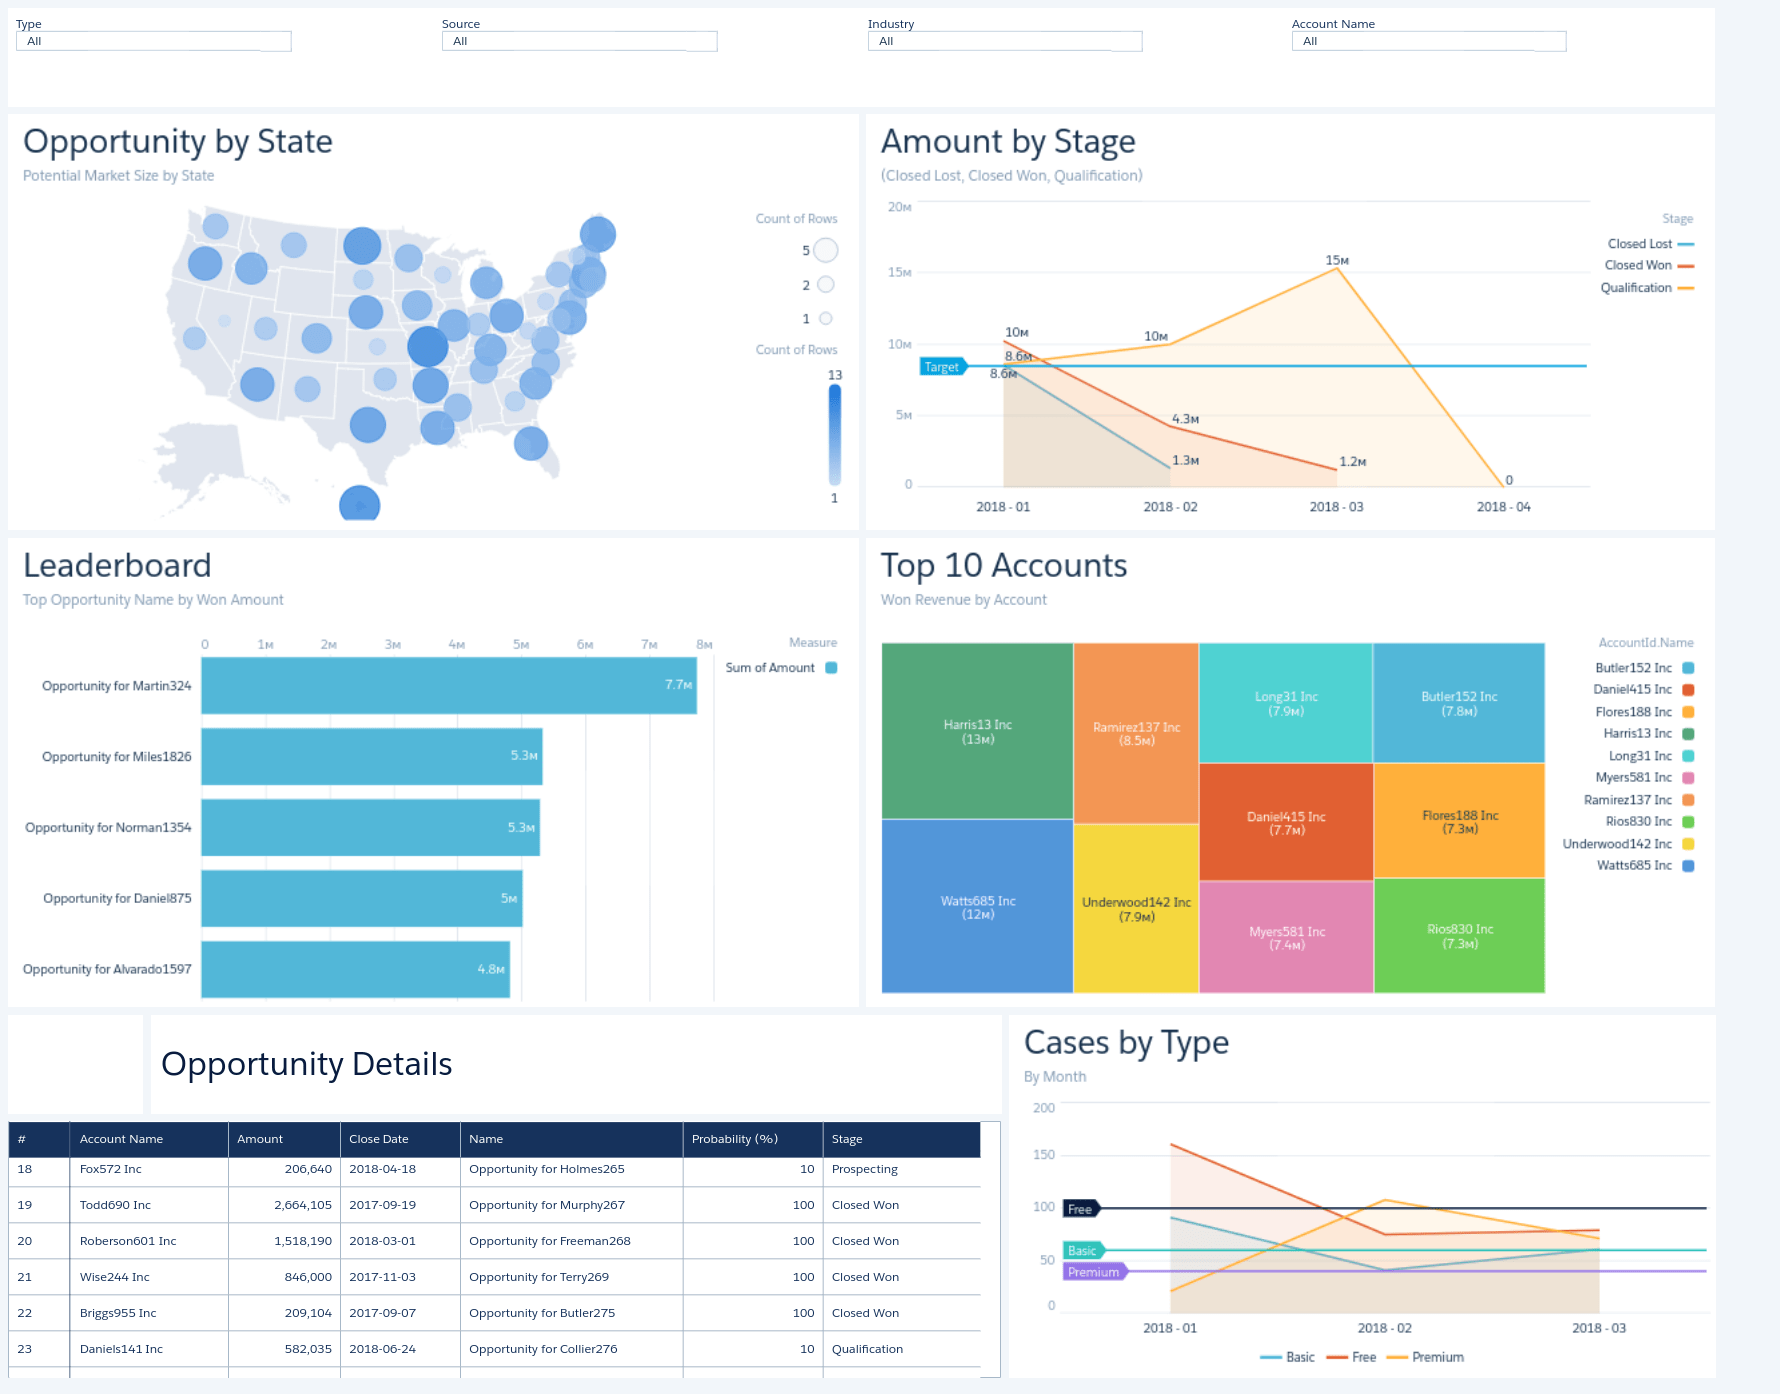 All Data